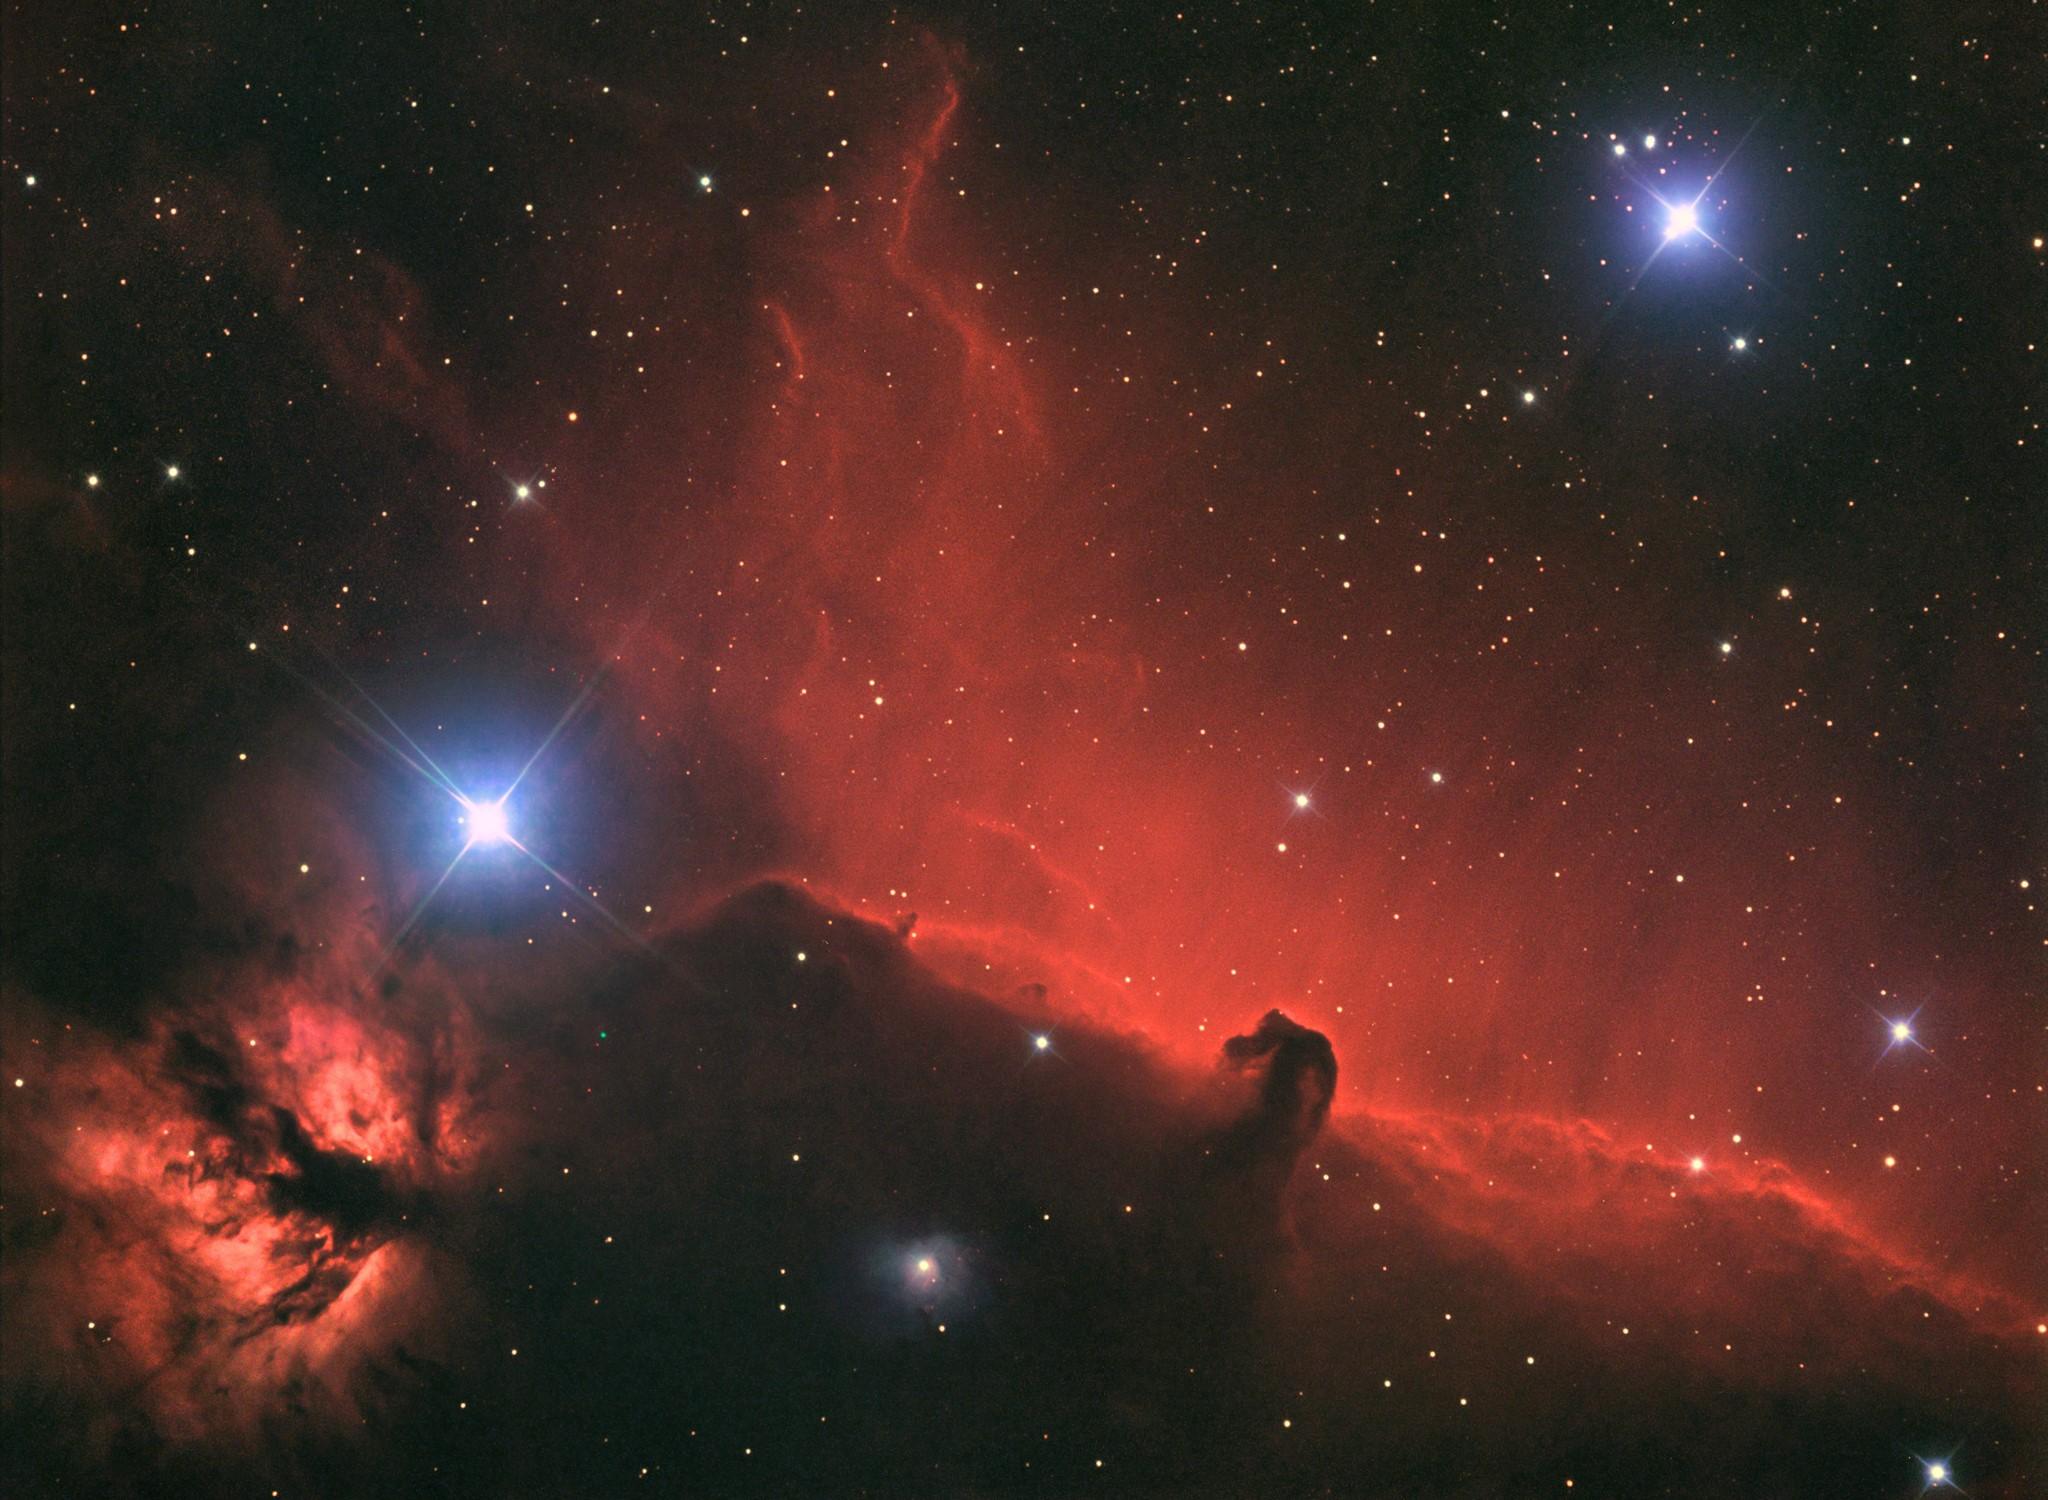 Horsehead Nebula by Andrea Ricciardi